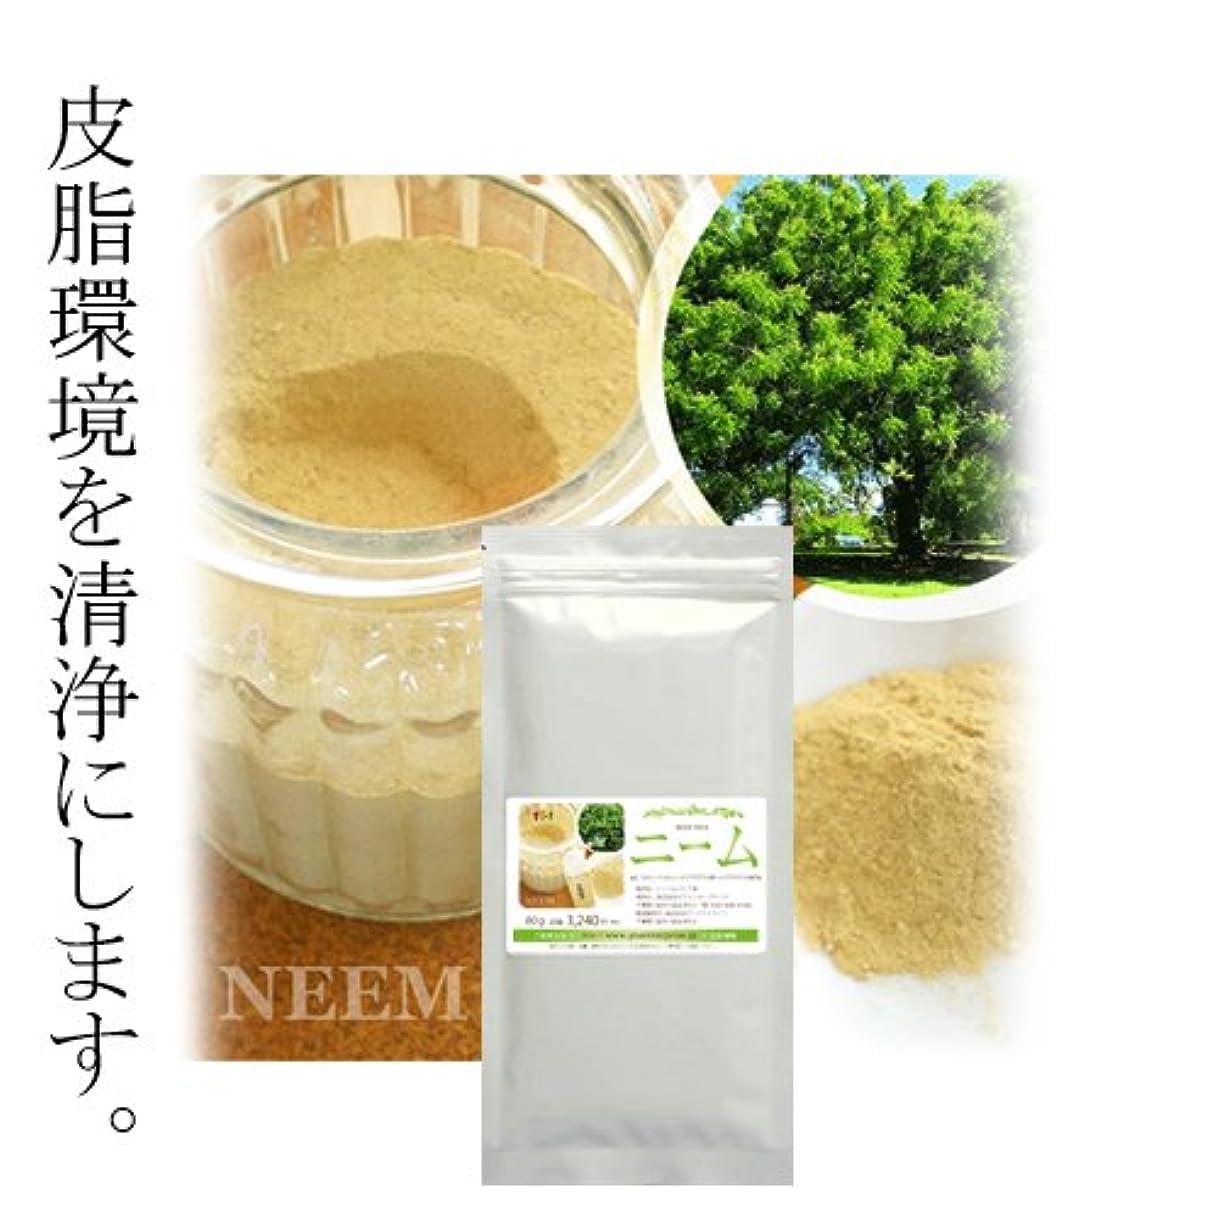 屈辱する崩壊胚芽ニームパック [ Neem Pack ] 80g